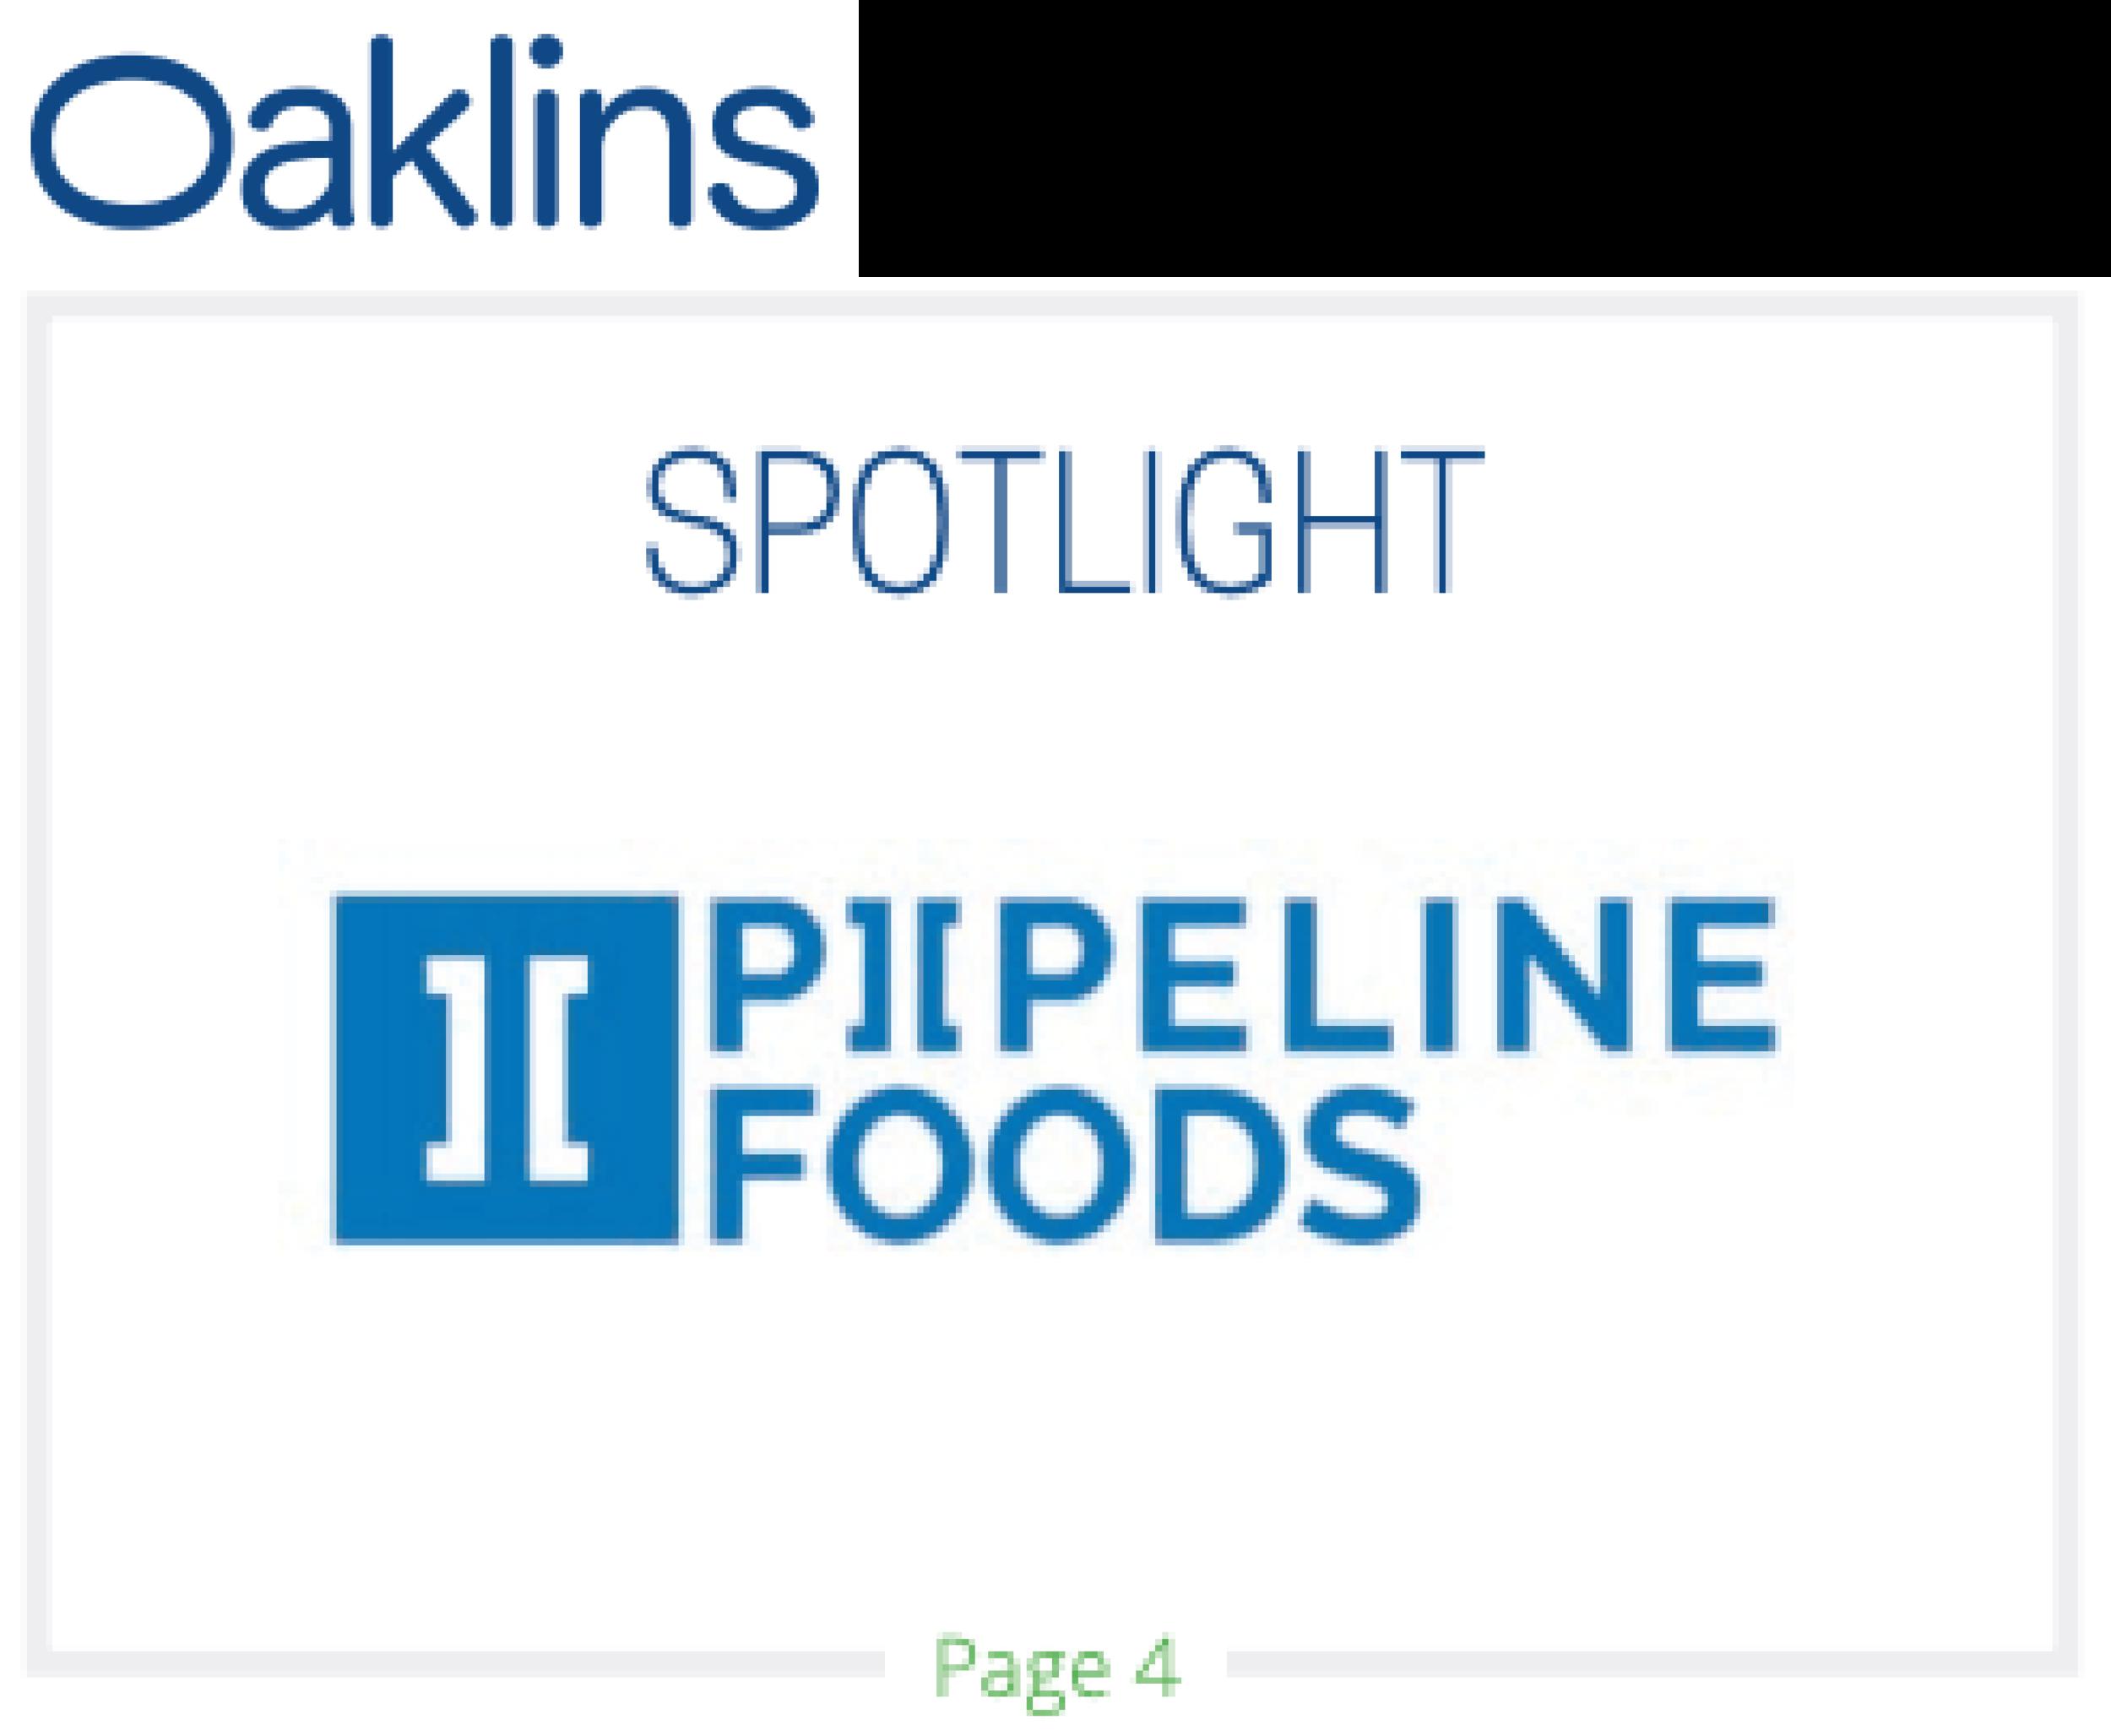 oaklins pipeline foods.png